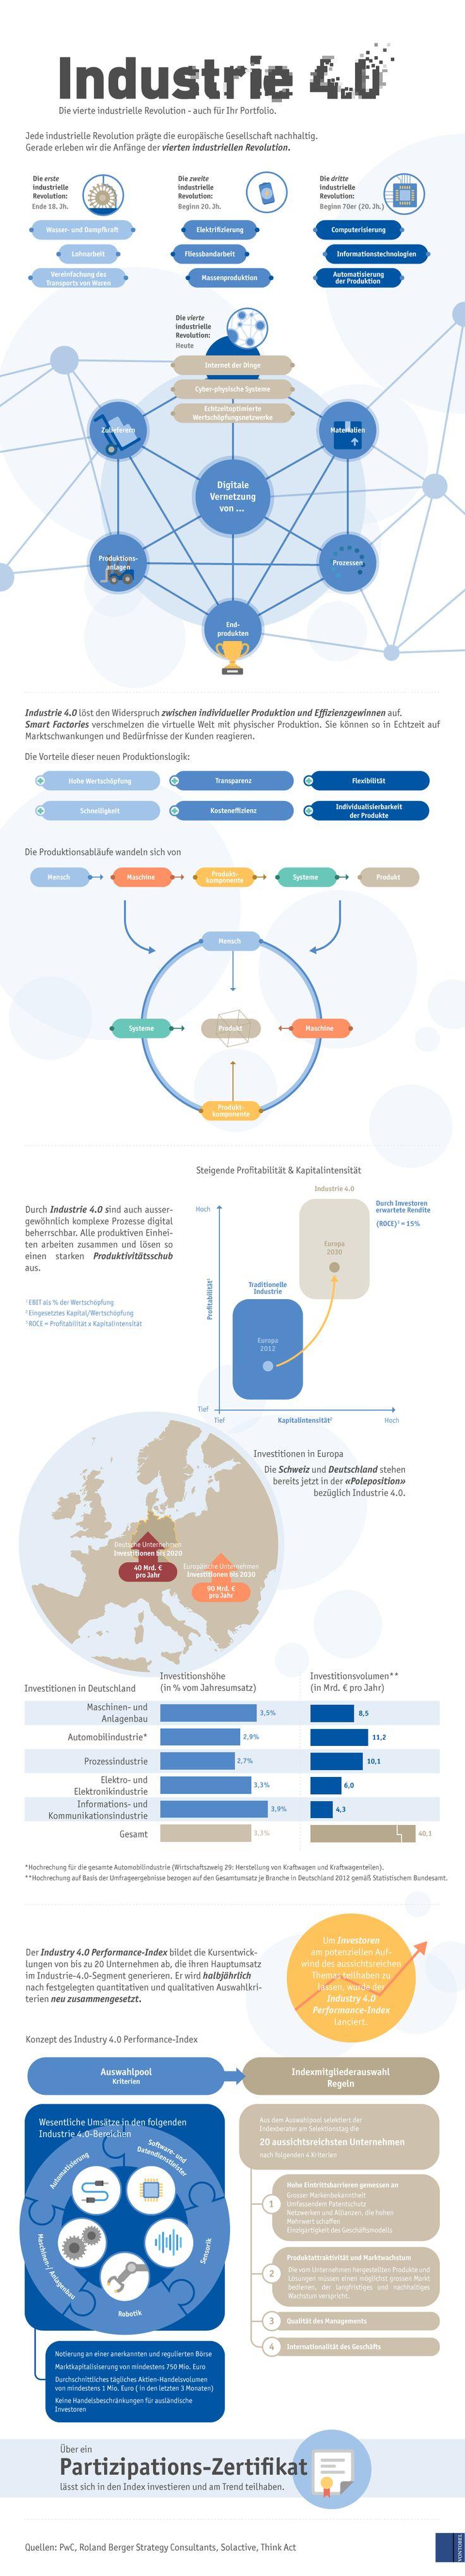 derinews-Blog | Infografik zum Investmentthema Industrie 4.0 | derinet® Schweiz